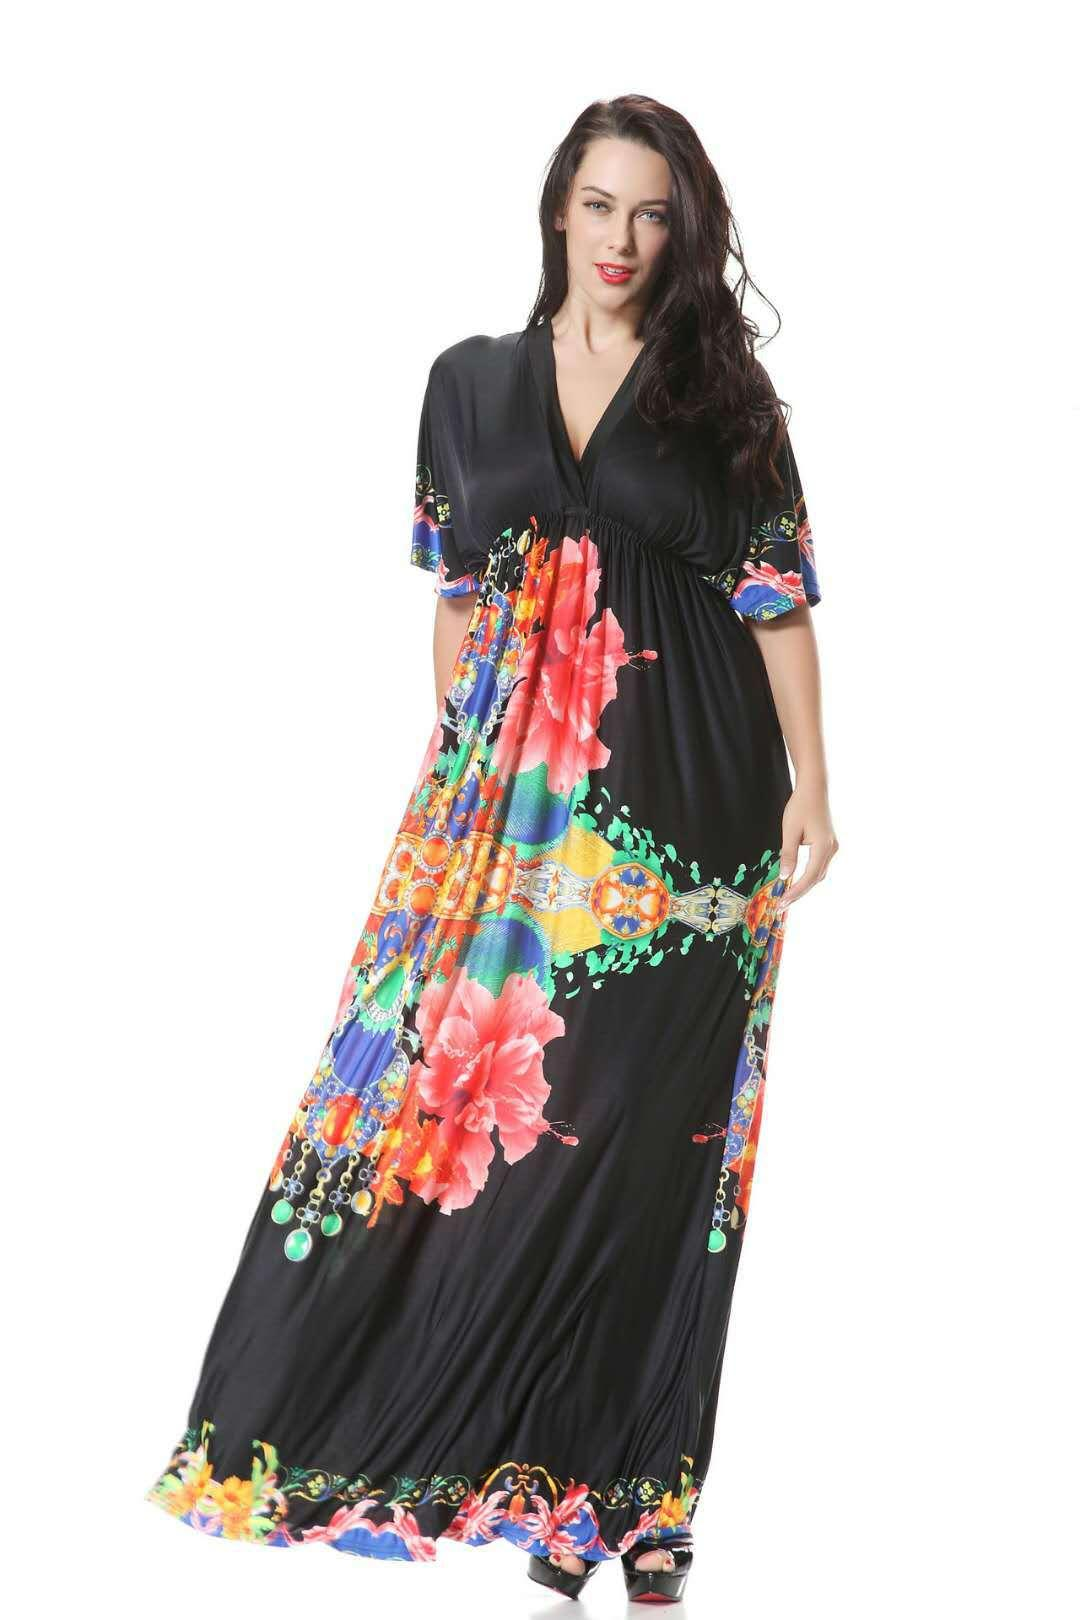 Новый стиль Популярные Super Long Seaside Holiday Beach платье втулки летучей мыши плюс размер льда ткани Soft Silk Flower Printed платье с цепью